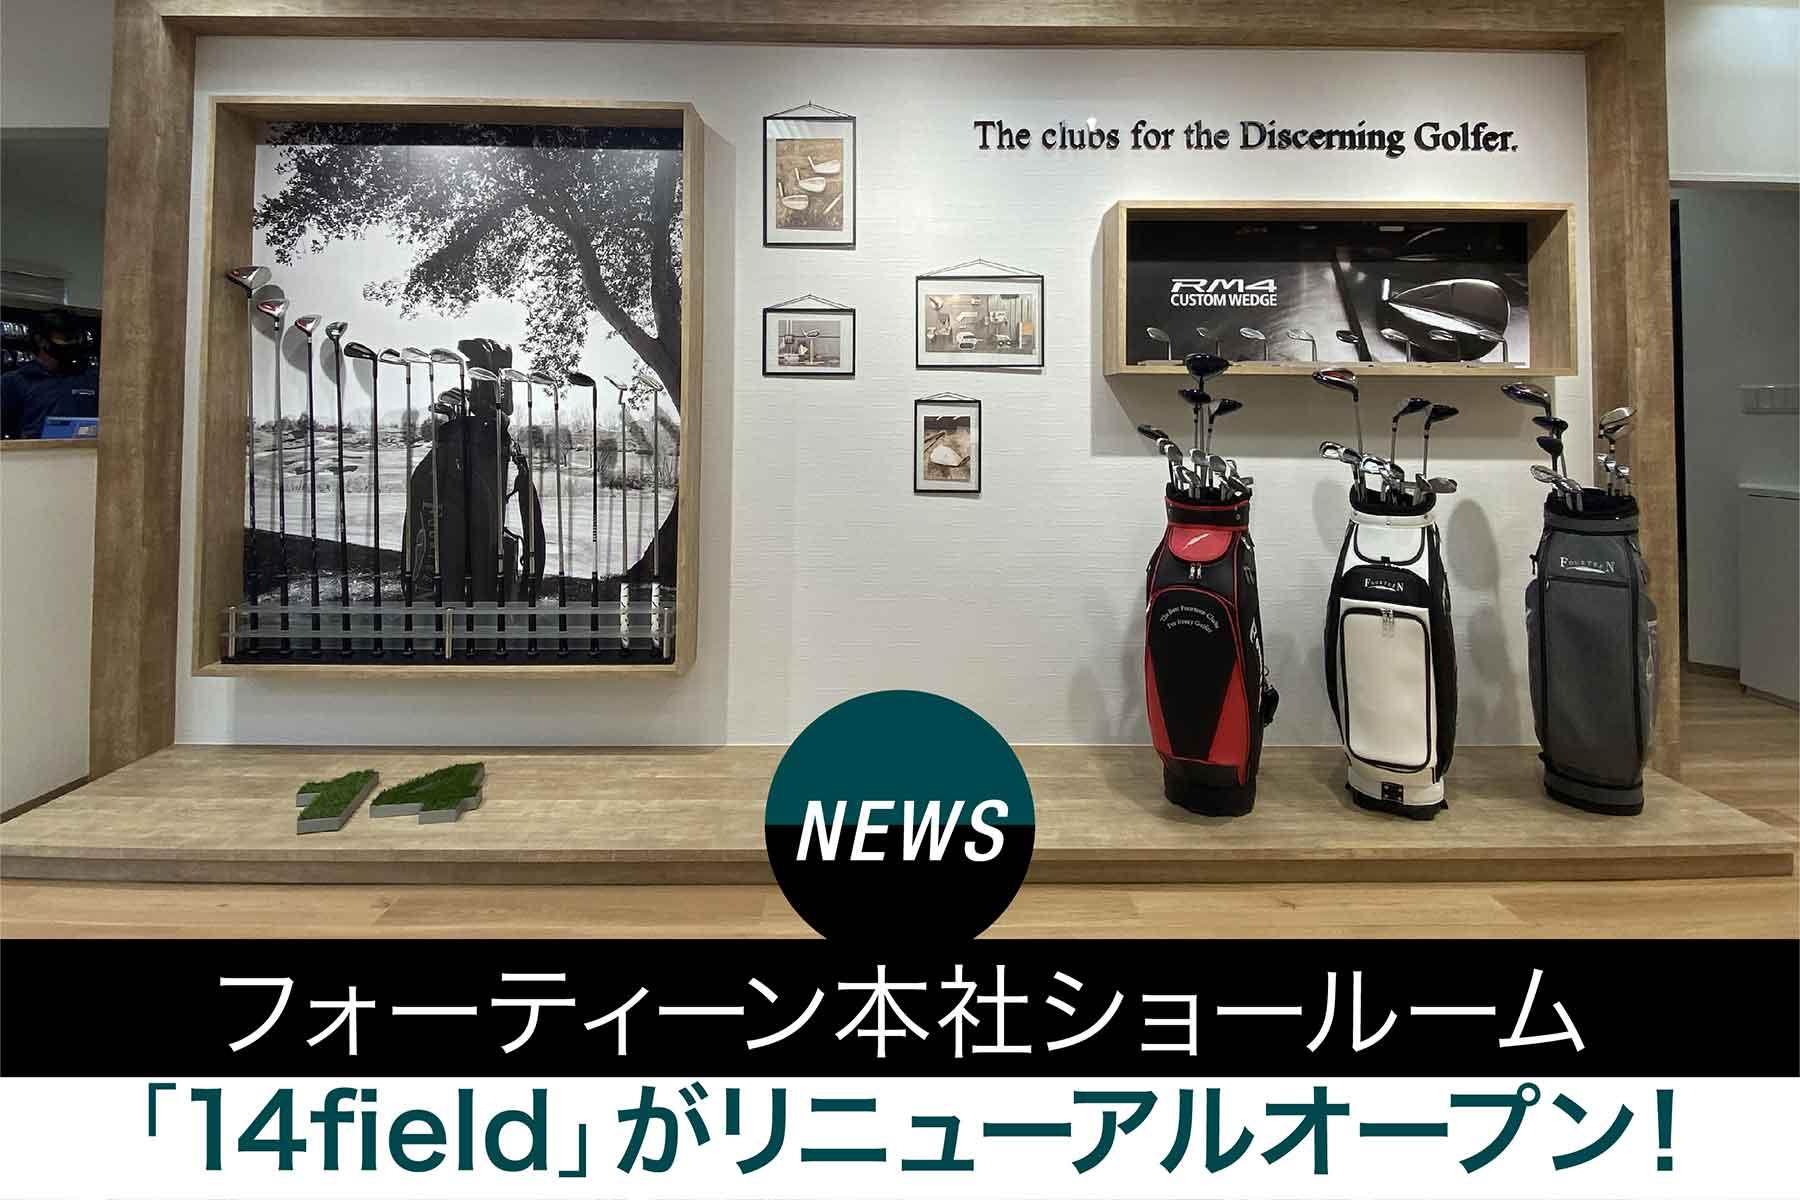 「14field」がリニューアルオープンしました!